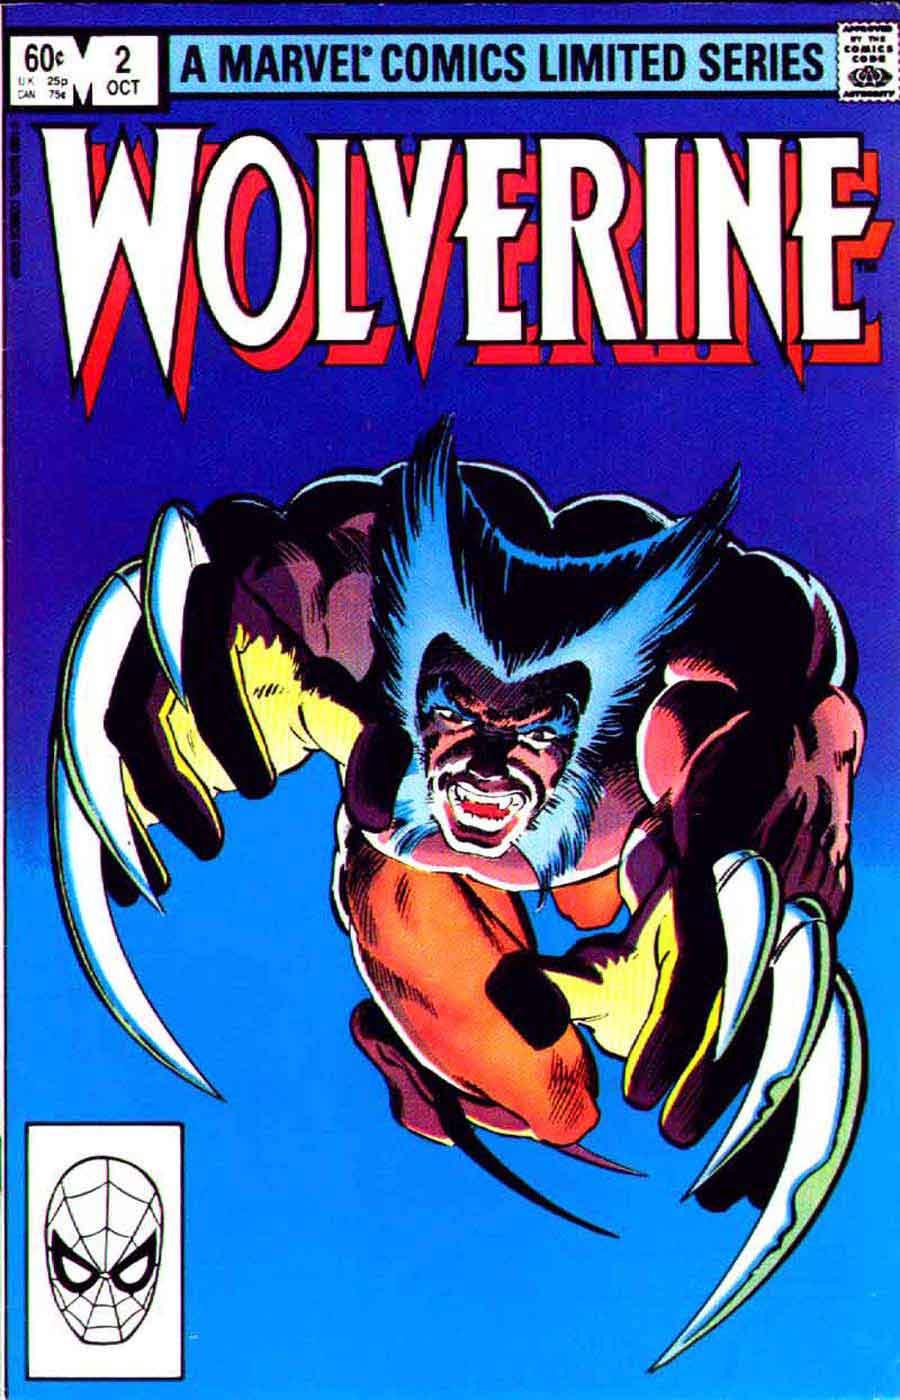 wolverine_1-2-00